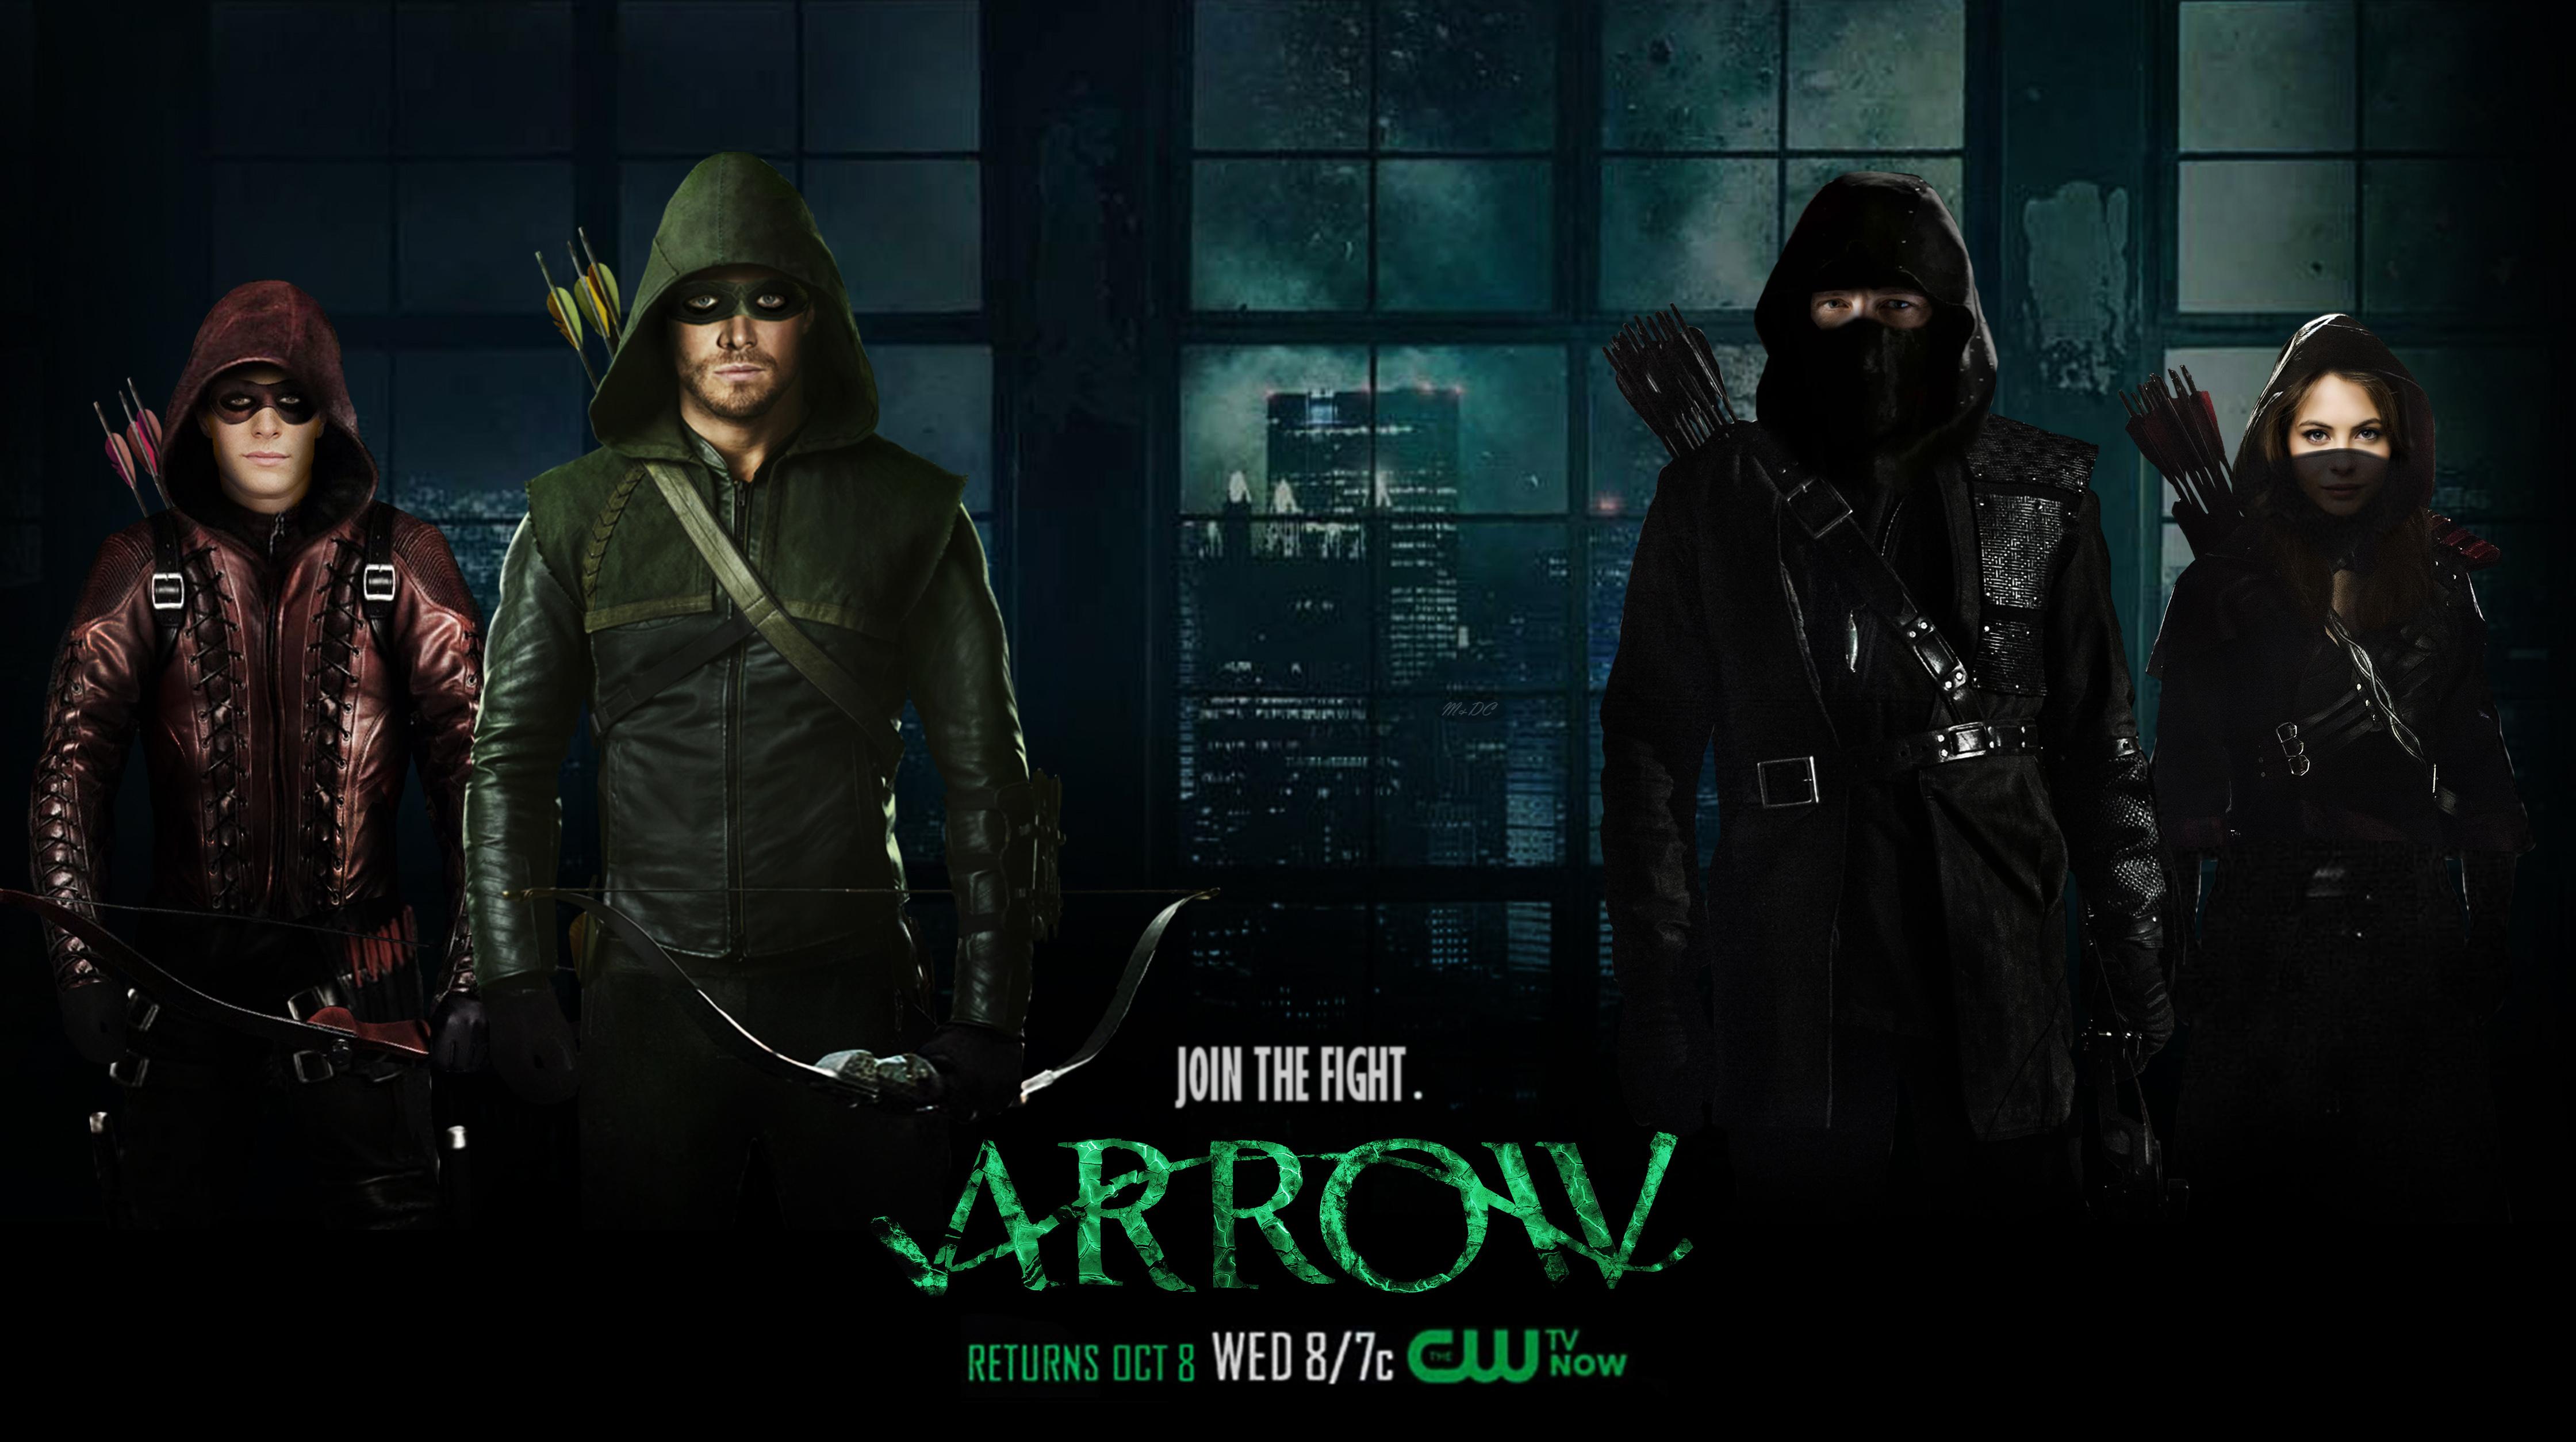 Arrow saison 4 : premier teaser trailer | DCPlanet.fr